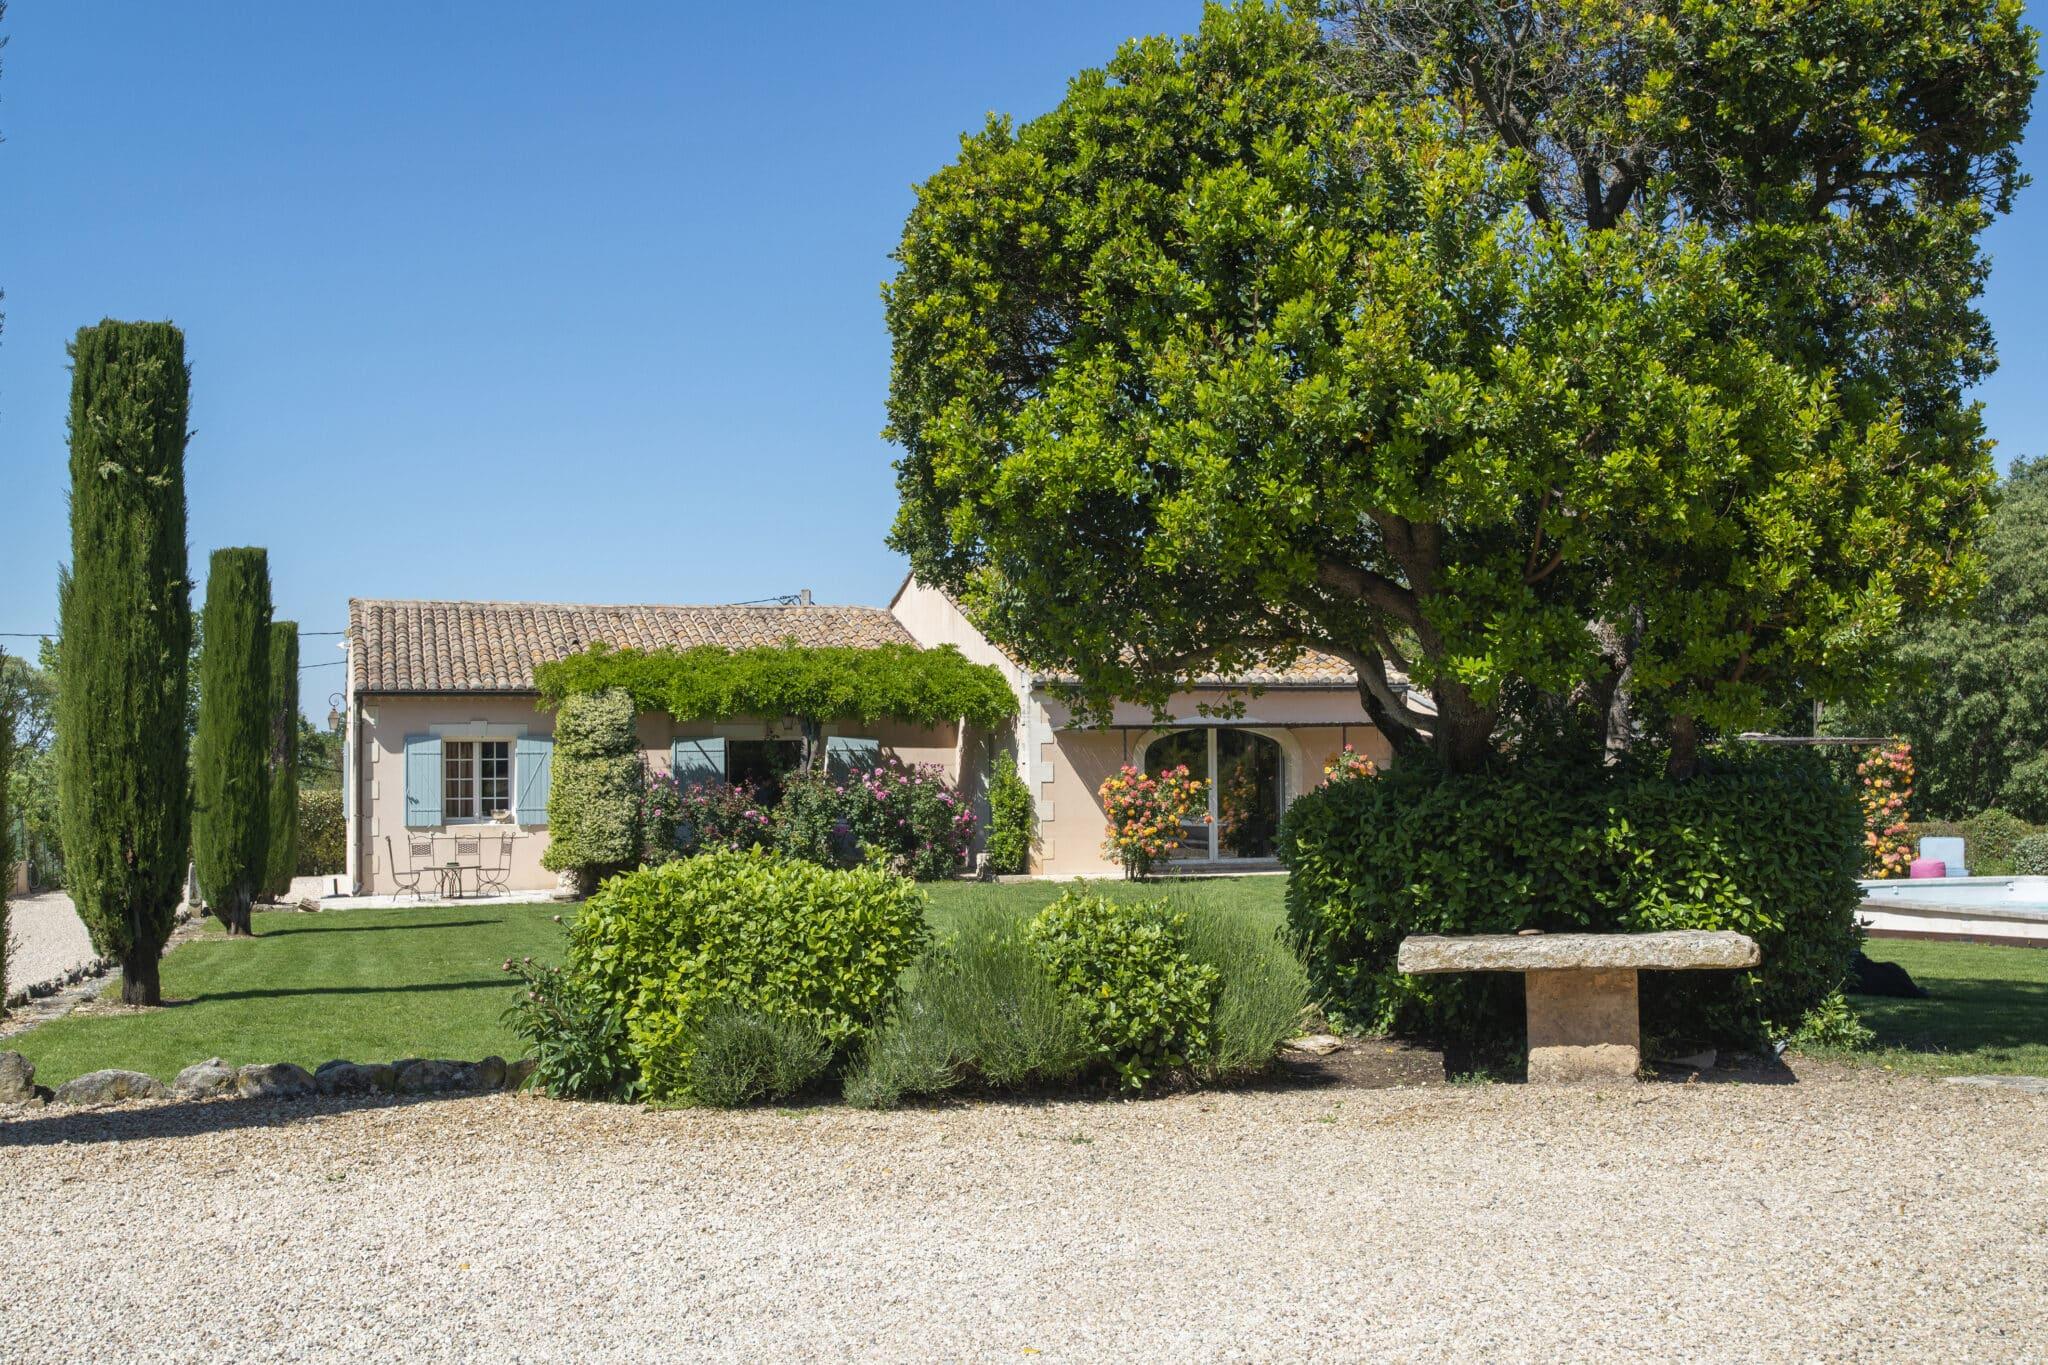 Location maison vacances piscine st remy provence